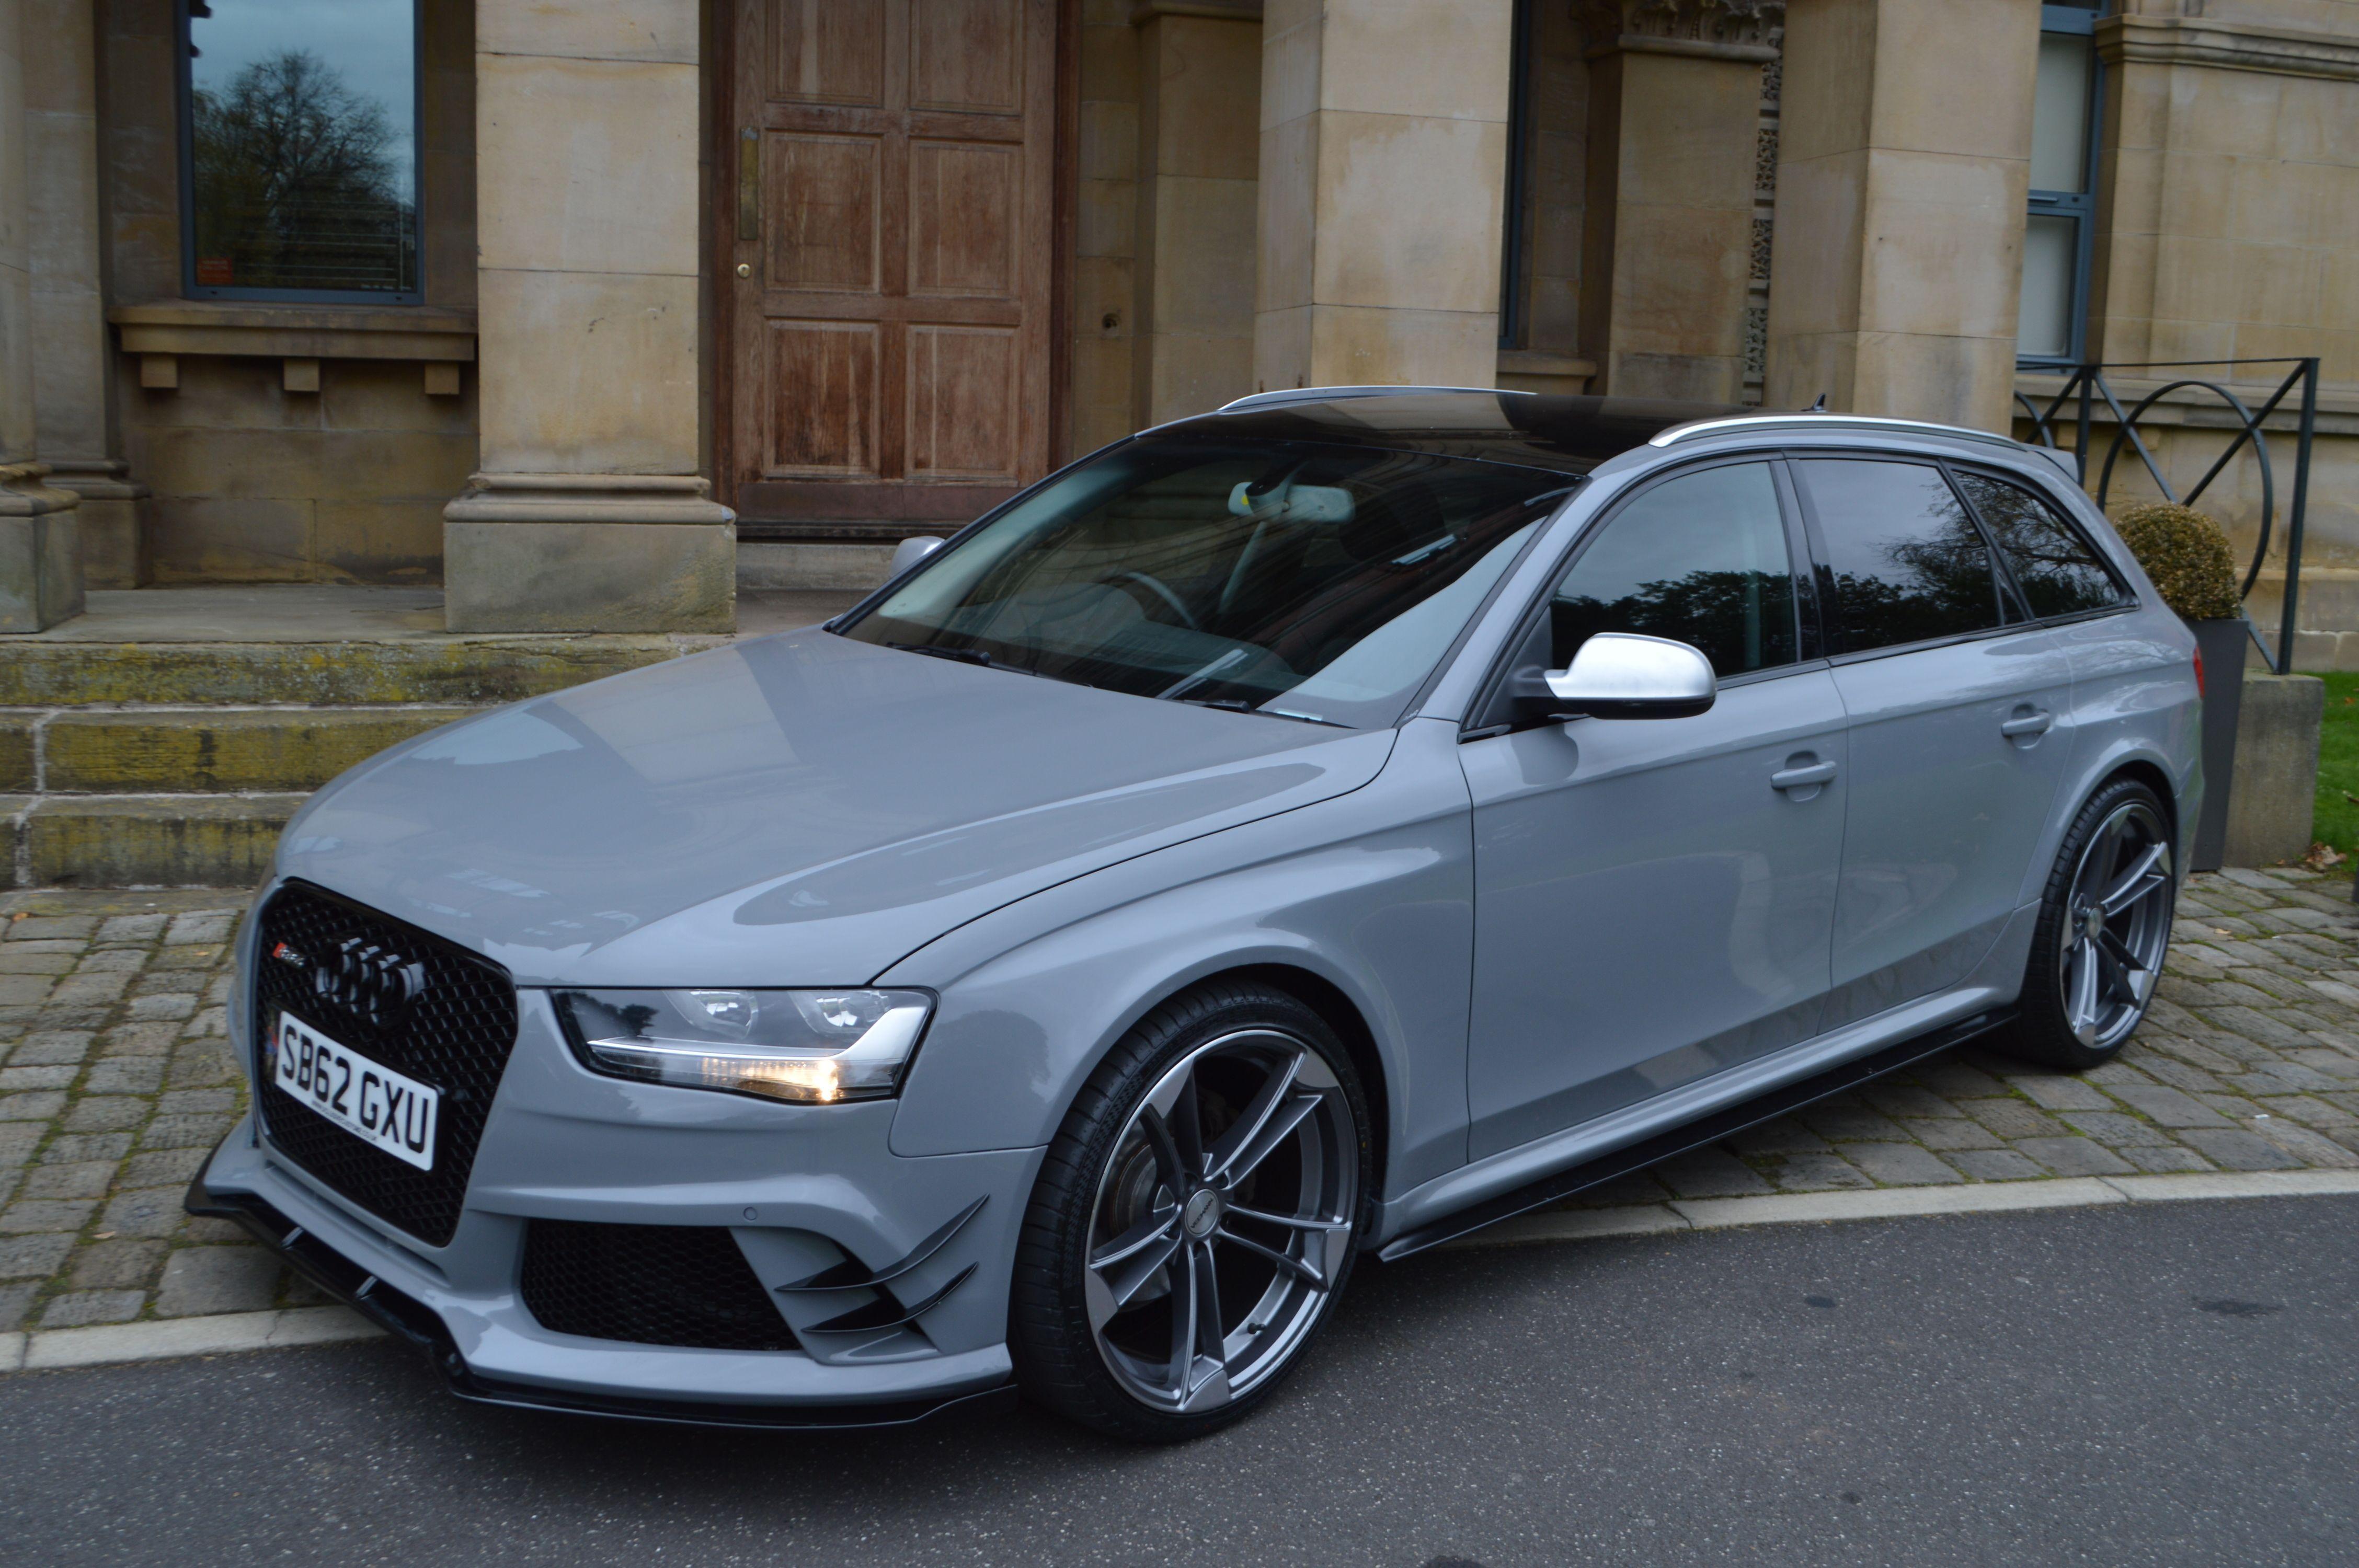 Kelebihan Audi A4 Rs Perbandingan Harga